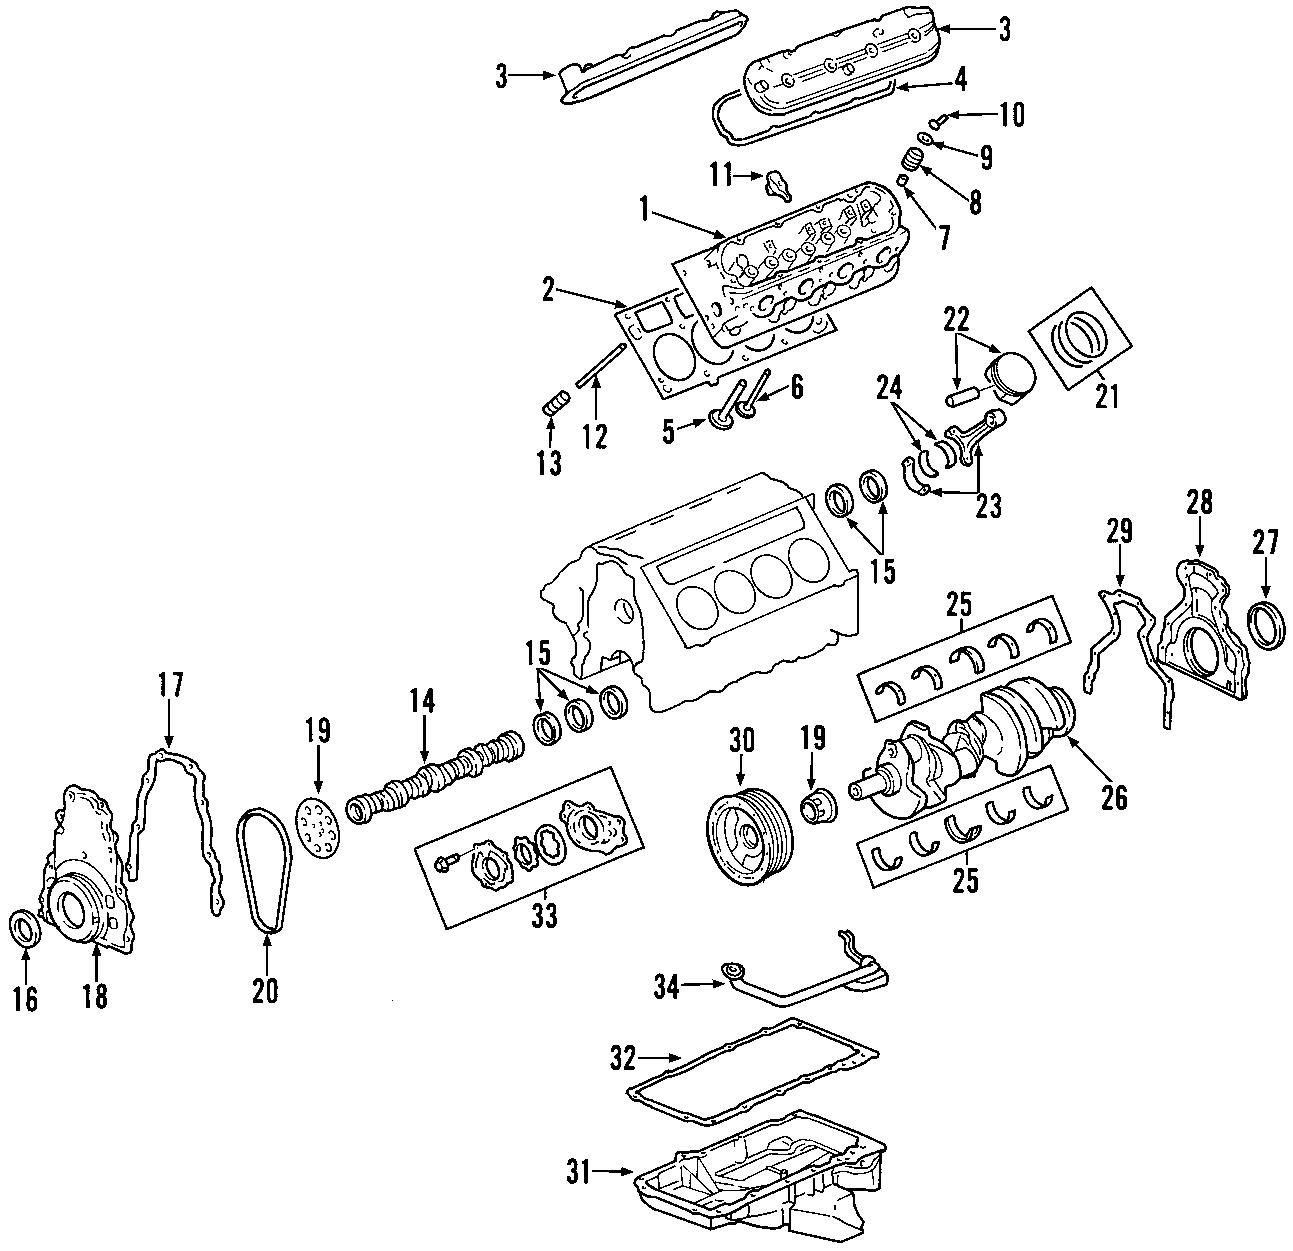 Chevrolet Tahoe Engine Cylinder Head Gasket. Models, Bolts